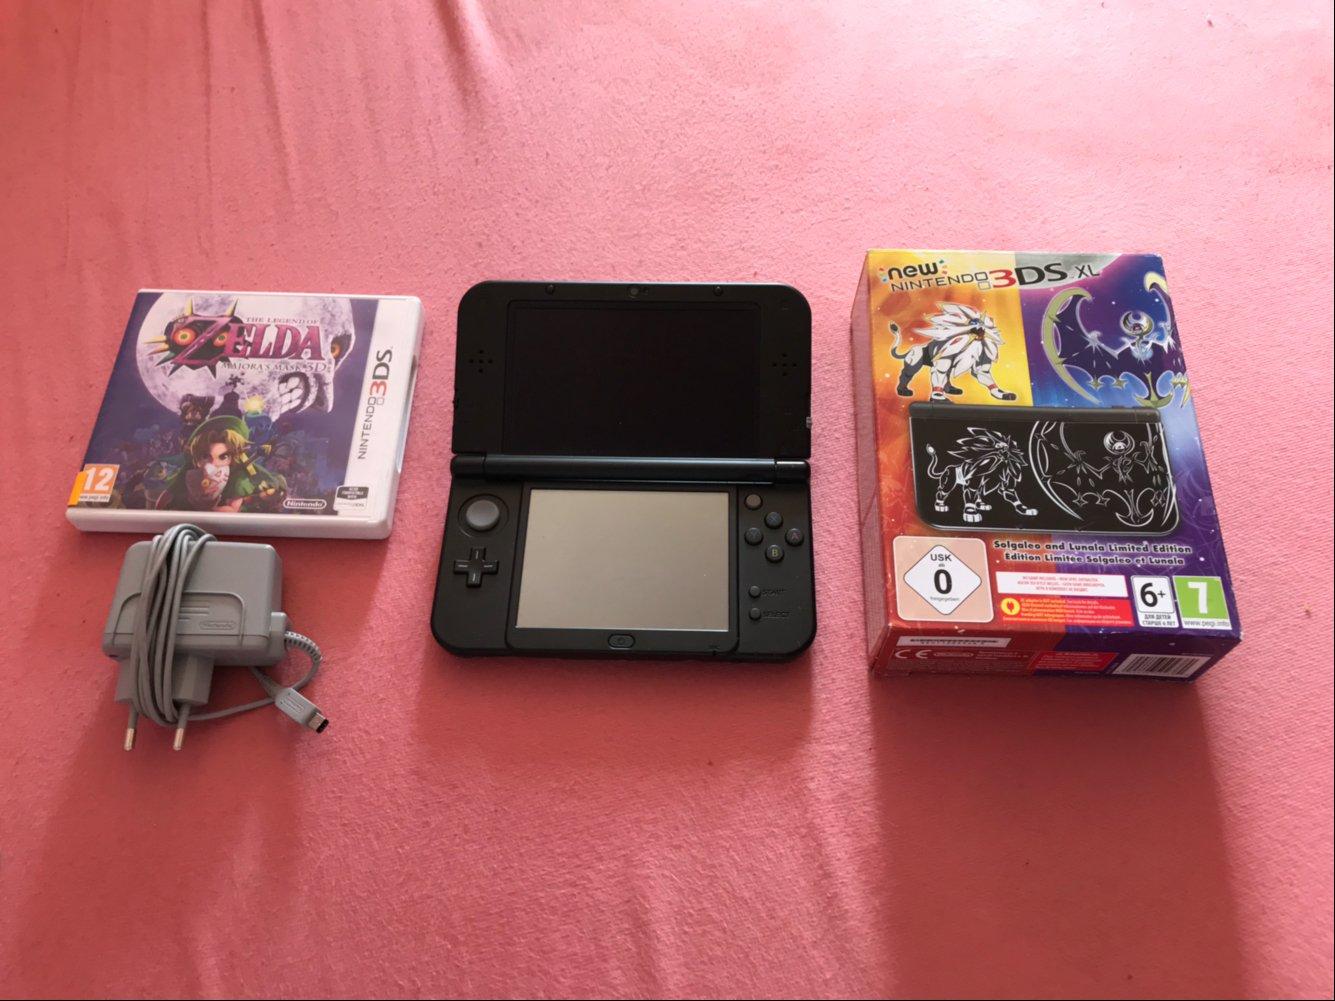 New Nintendo 3ds Xl Zelda Majoras Mask 7395157985 Oficjalne Ll Pink White Cfw Luma 16gb